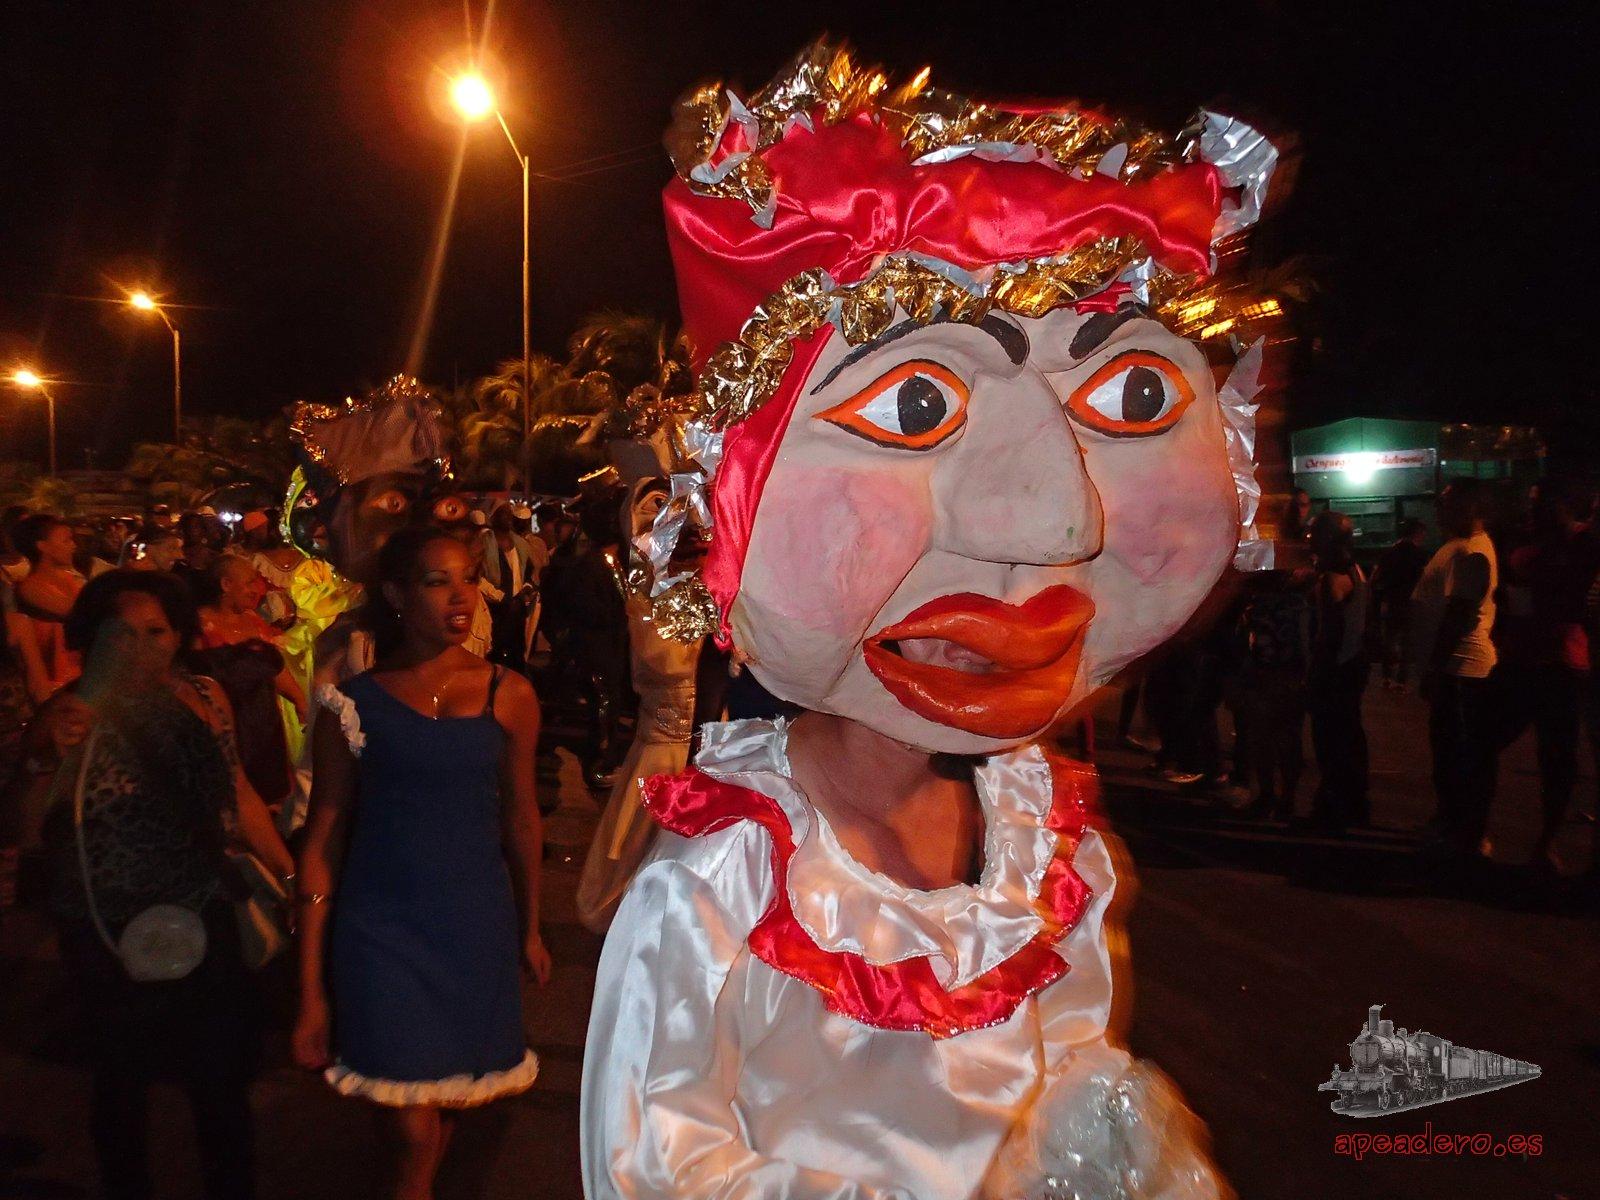 Cabezudo de Cienfuegos el día que visitamos el carnaval de La Habana y Cienfuegos